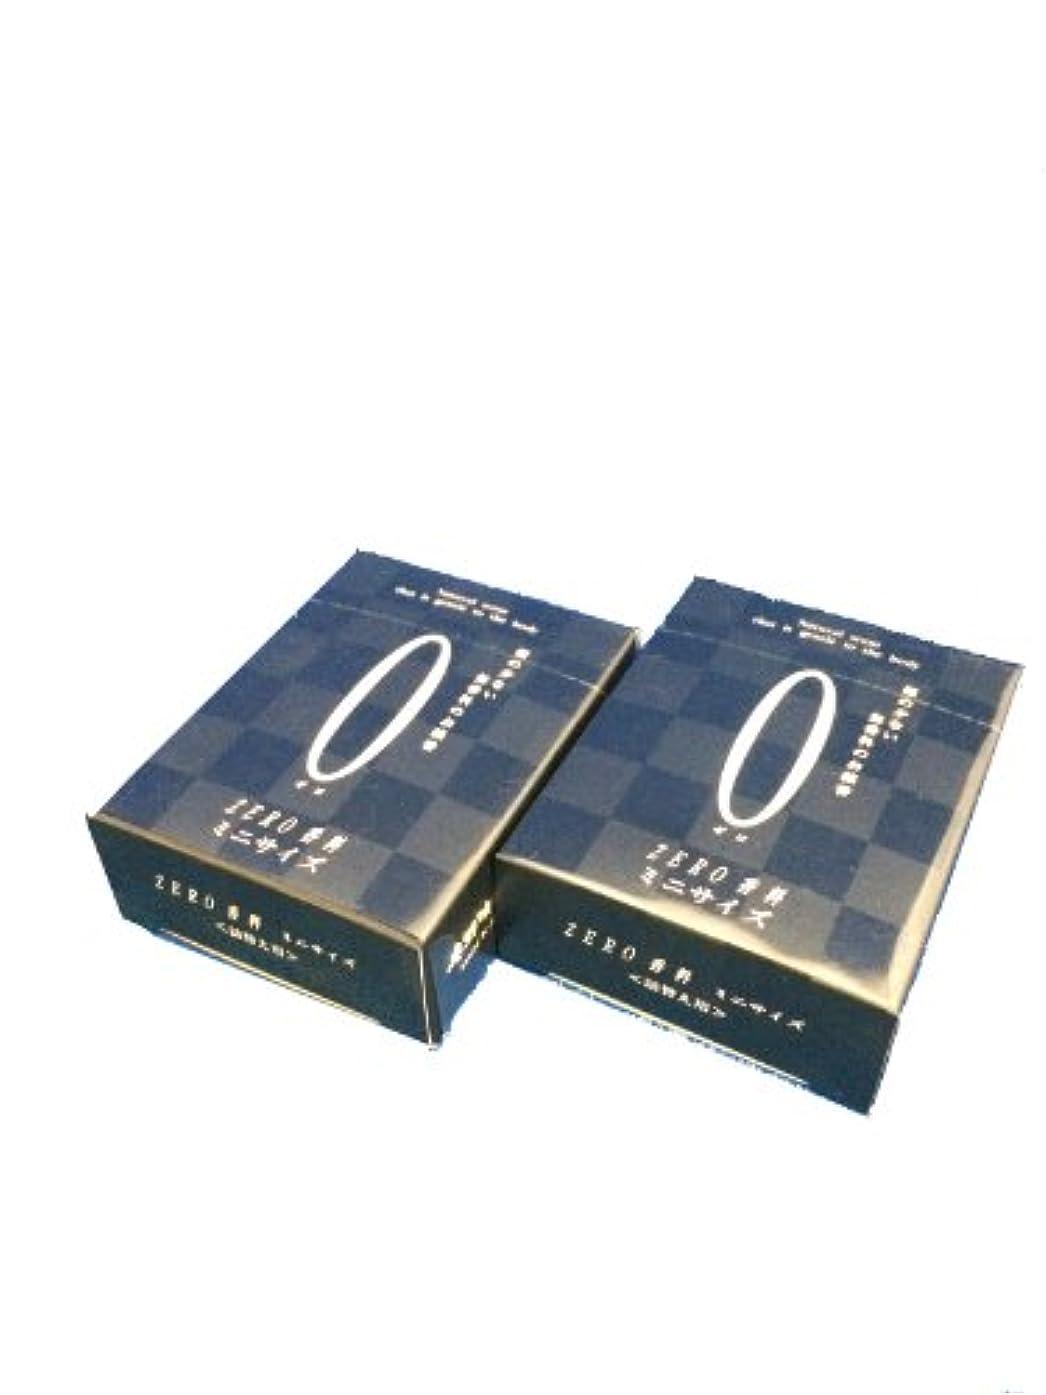 国歌シャックル除去ZERO ゼロ香料 詰め替え用 2個セット ミニ寸 サイズ 約60g